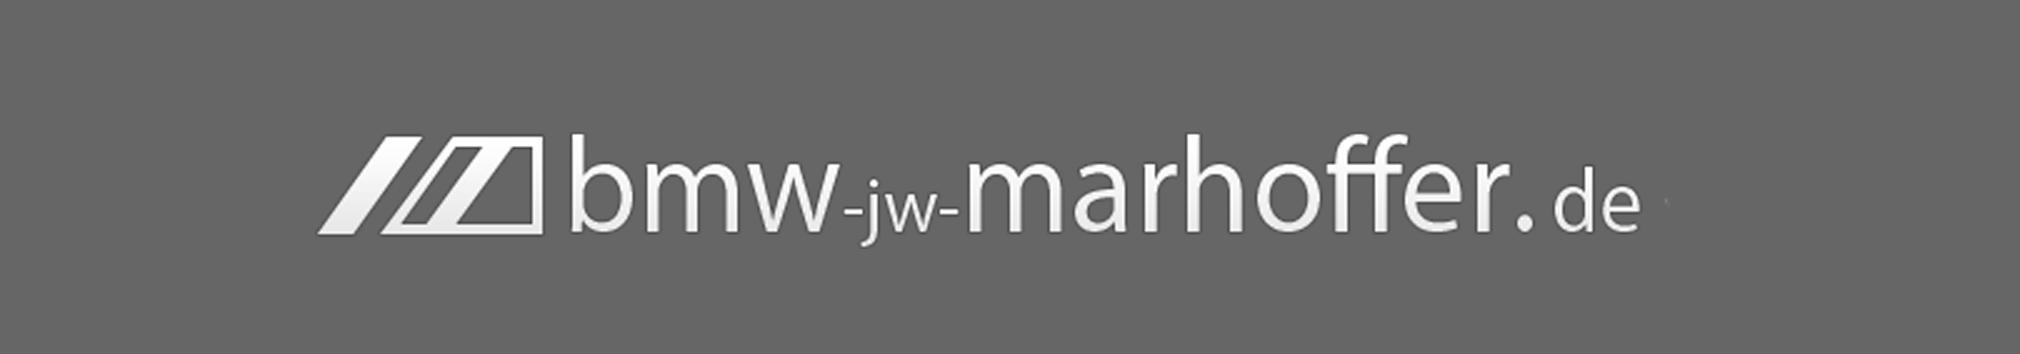 bmw-jw-marhoffer GmbH